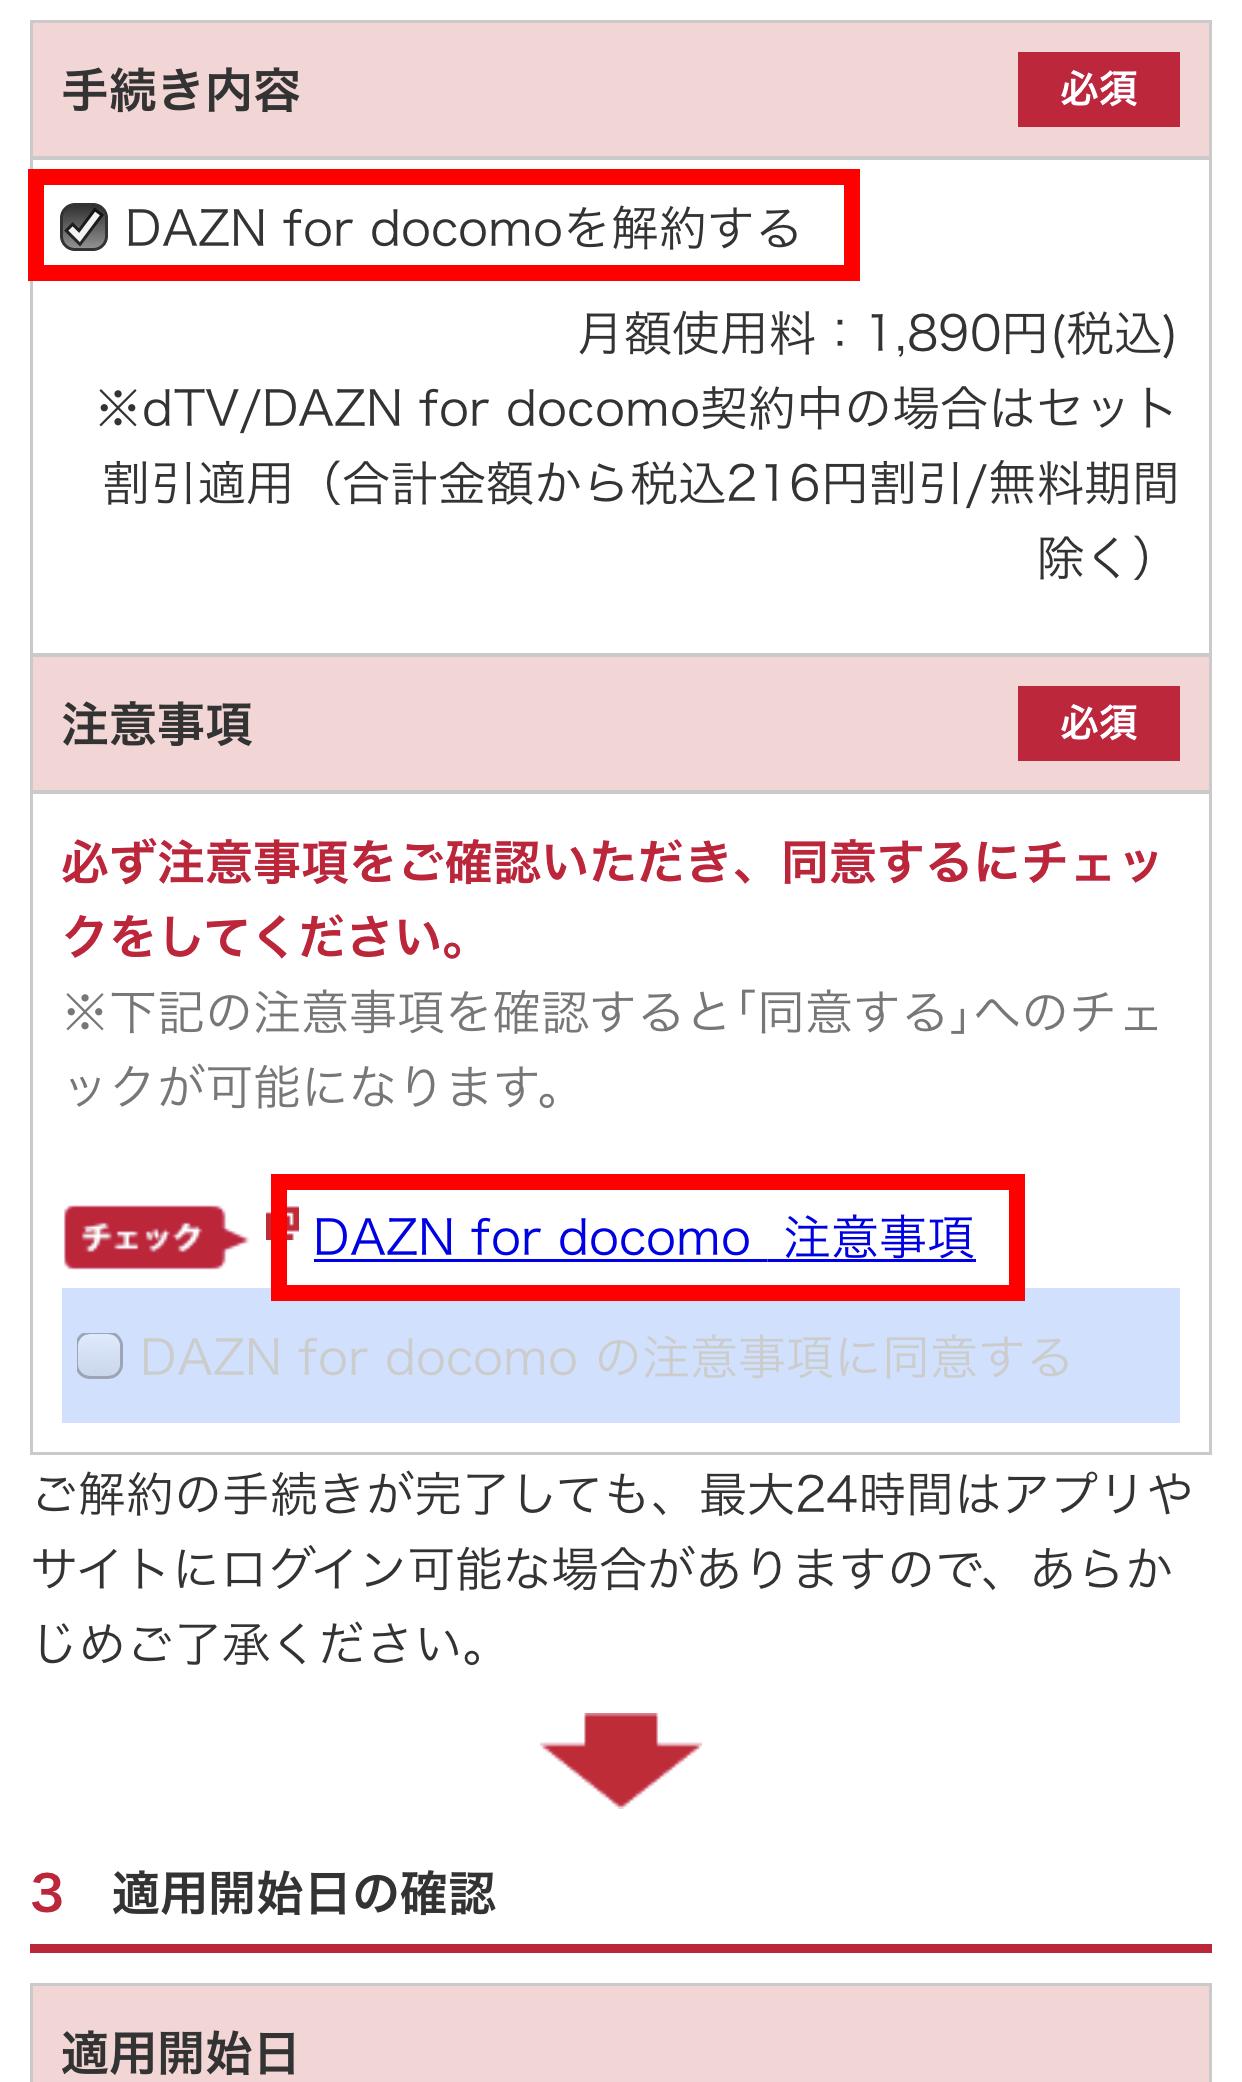 DAZN for docomoの解約内容を確認